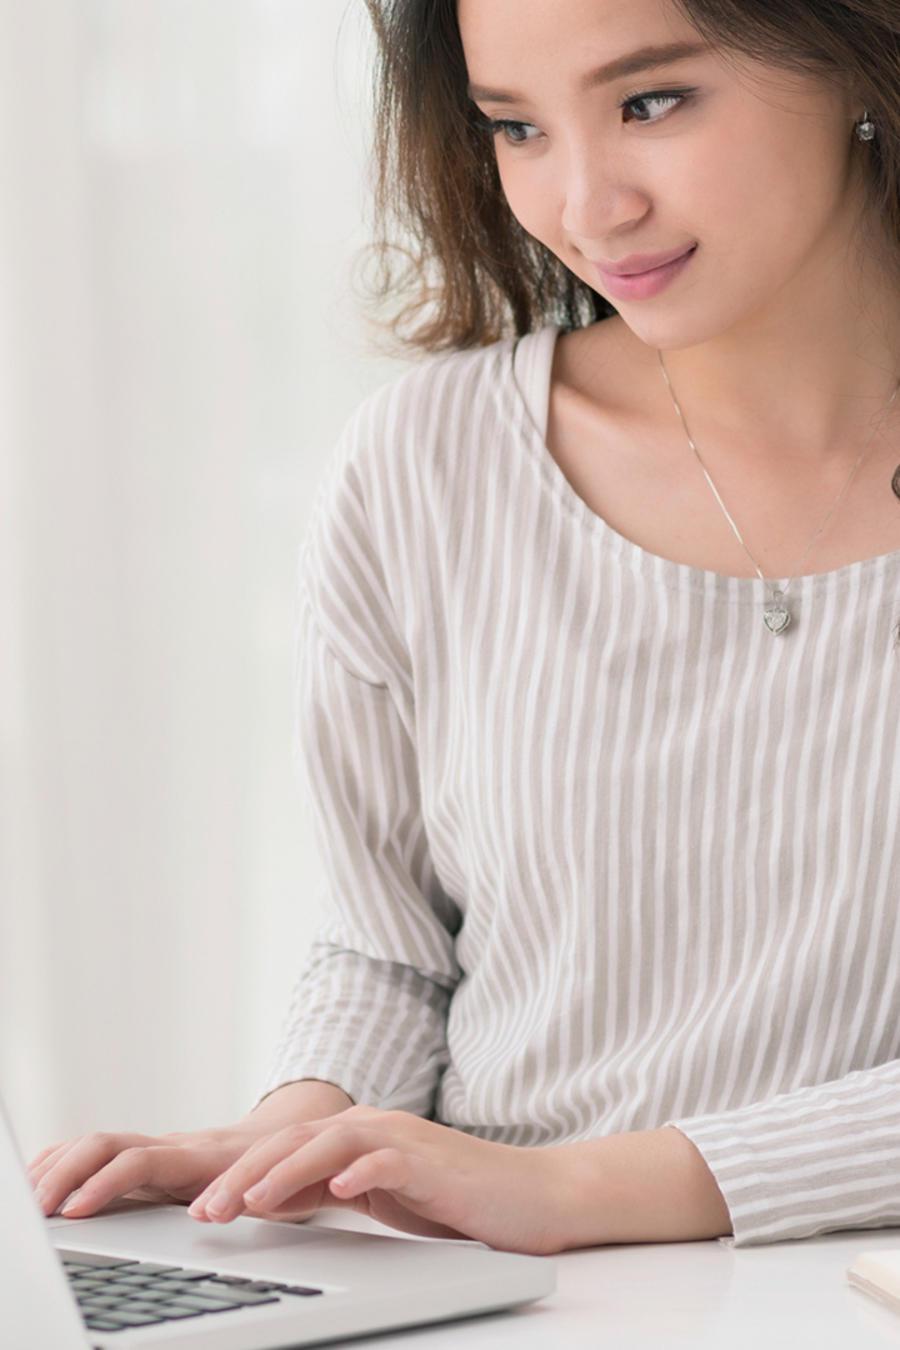 Mujer joven tipea en su laptop